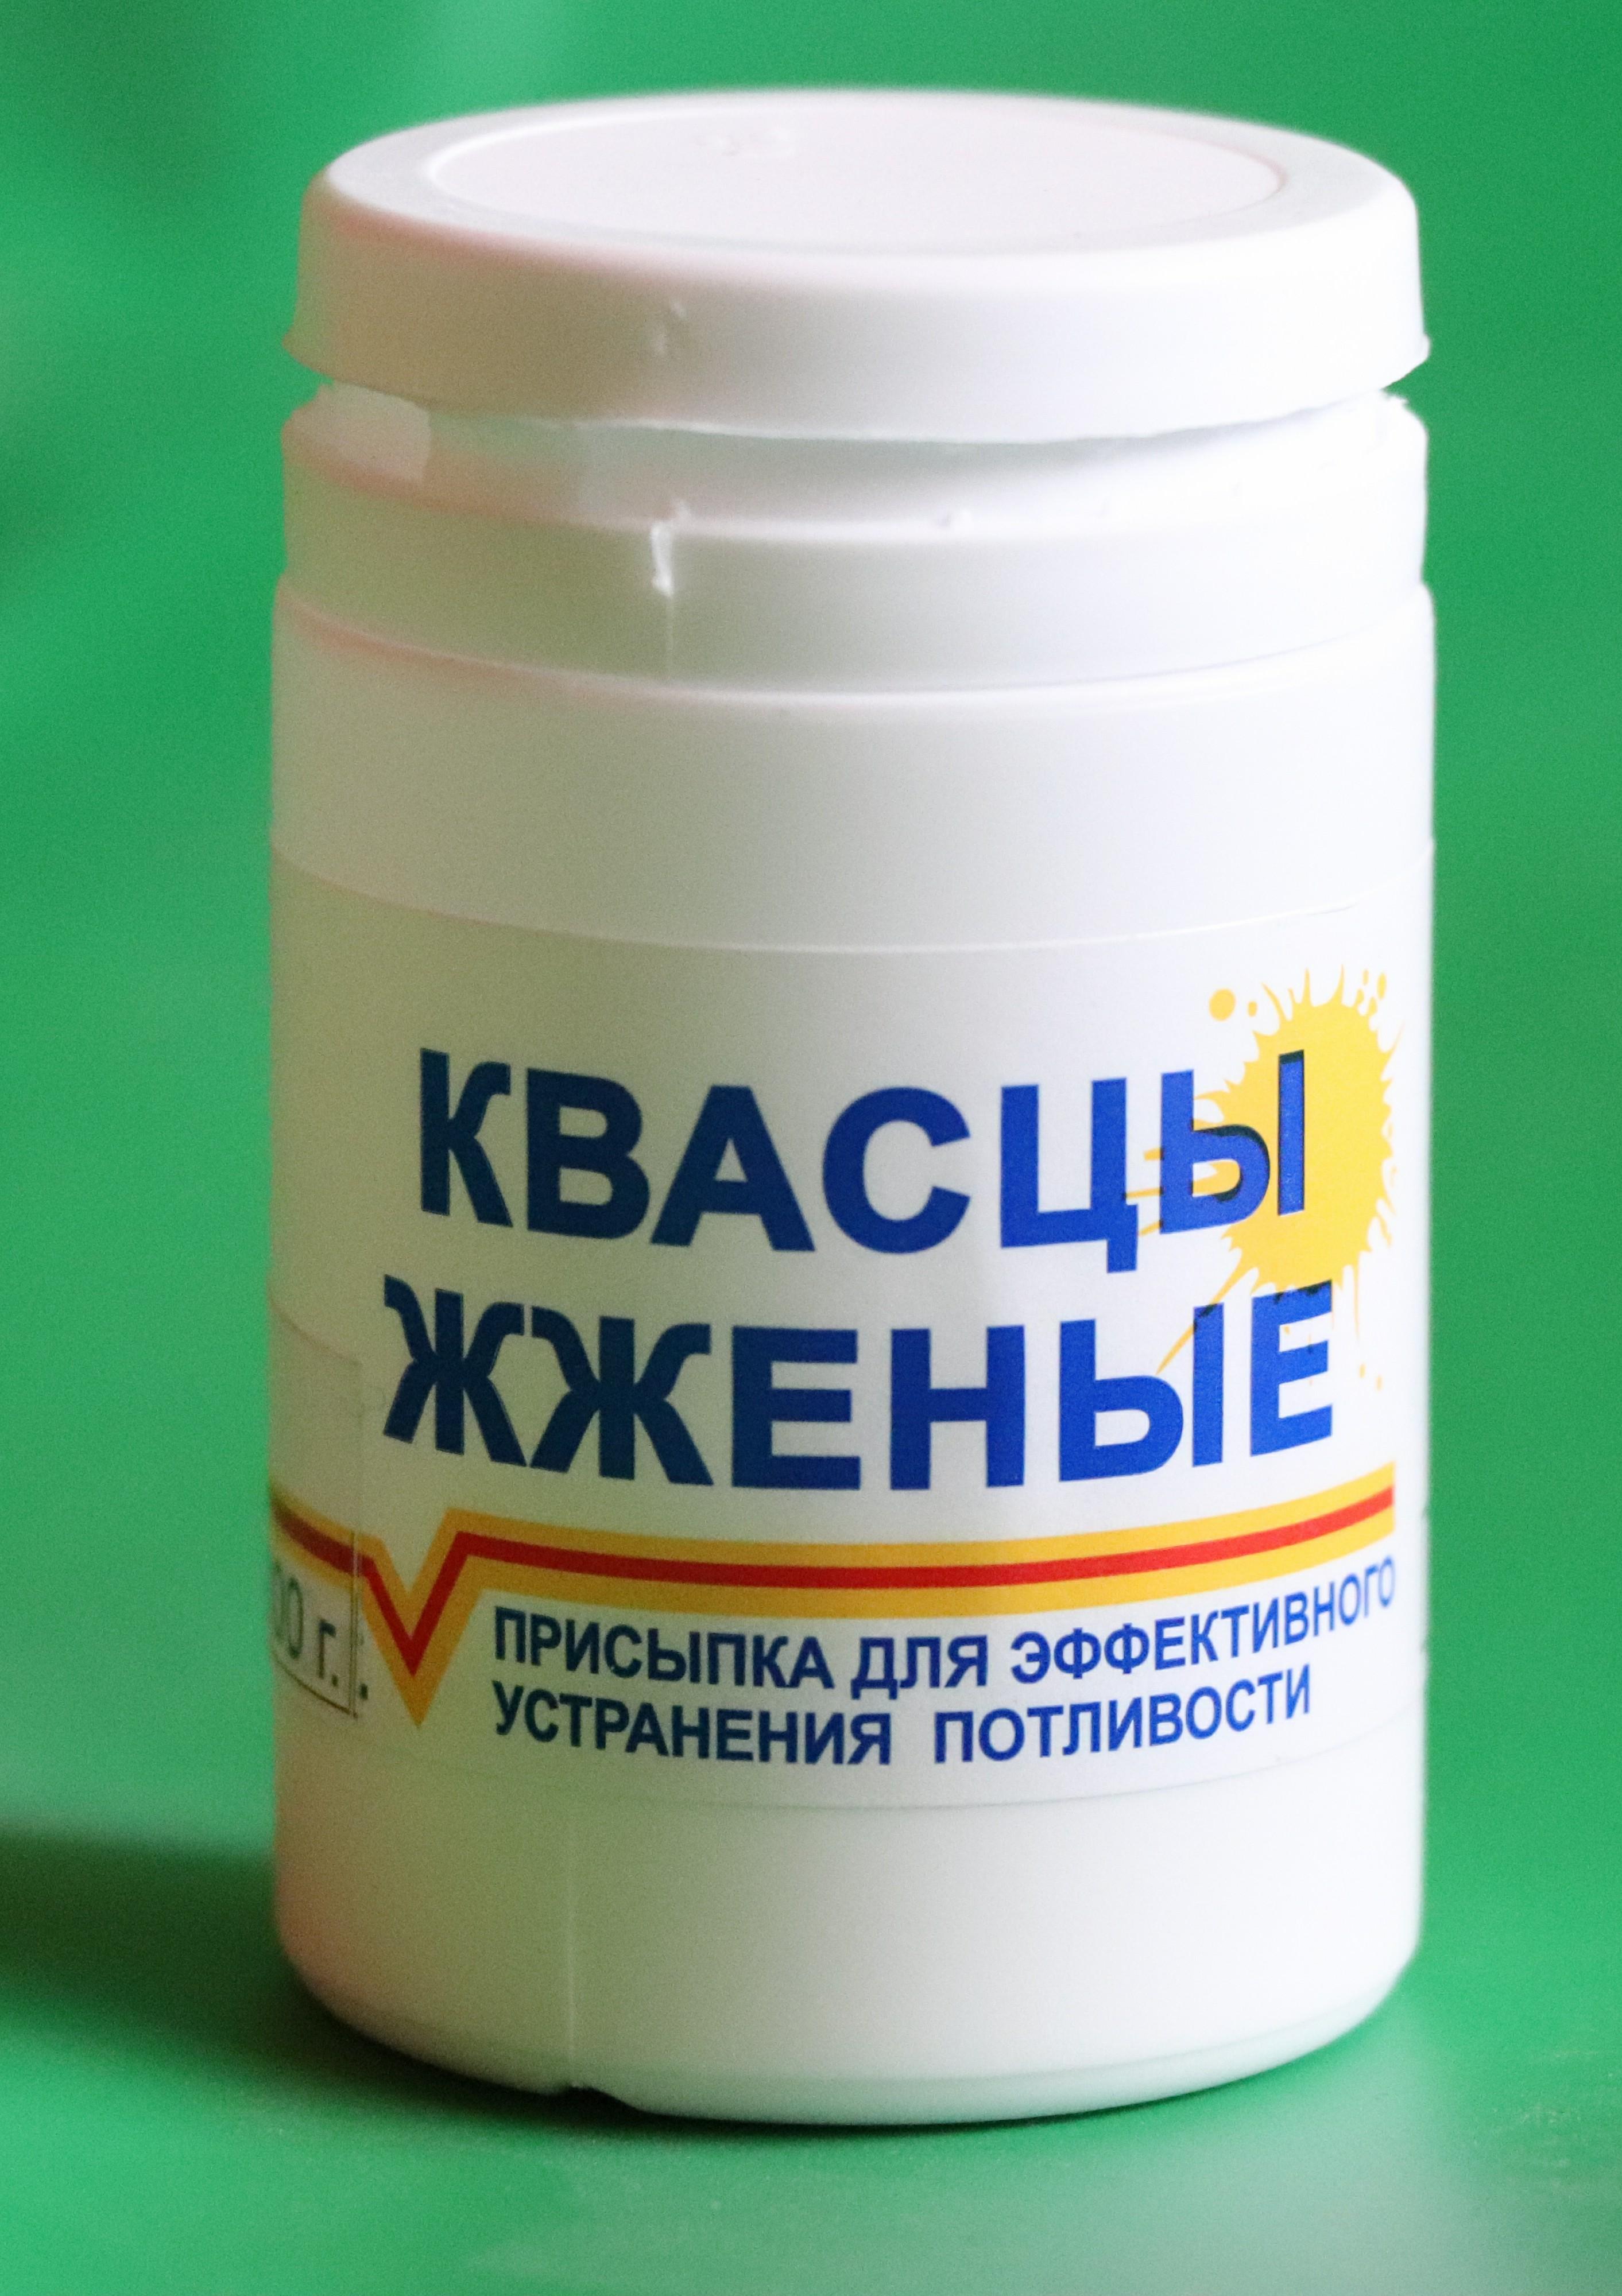 Квасцы жженые: применение, отзывы :: syl.ru